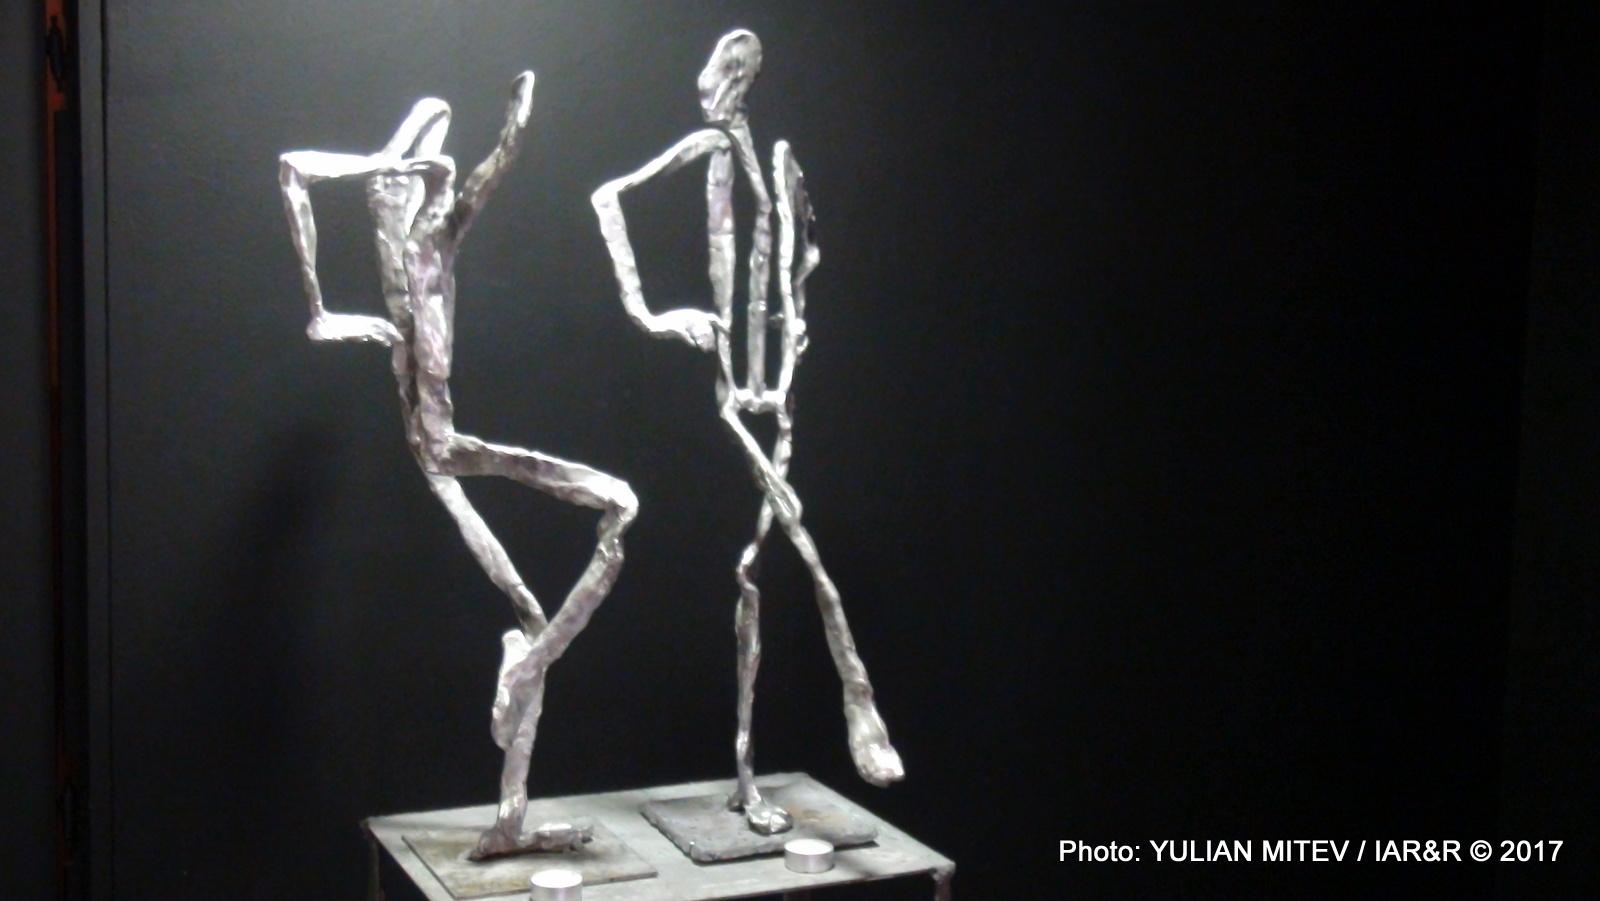 Основното в тази кавалетна скулптура са линиите, изграждащи своеобразние абриси на телата и мястото им в пространството